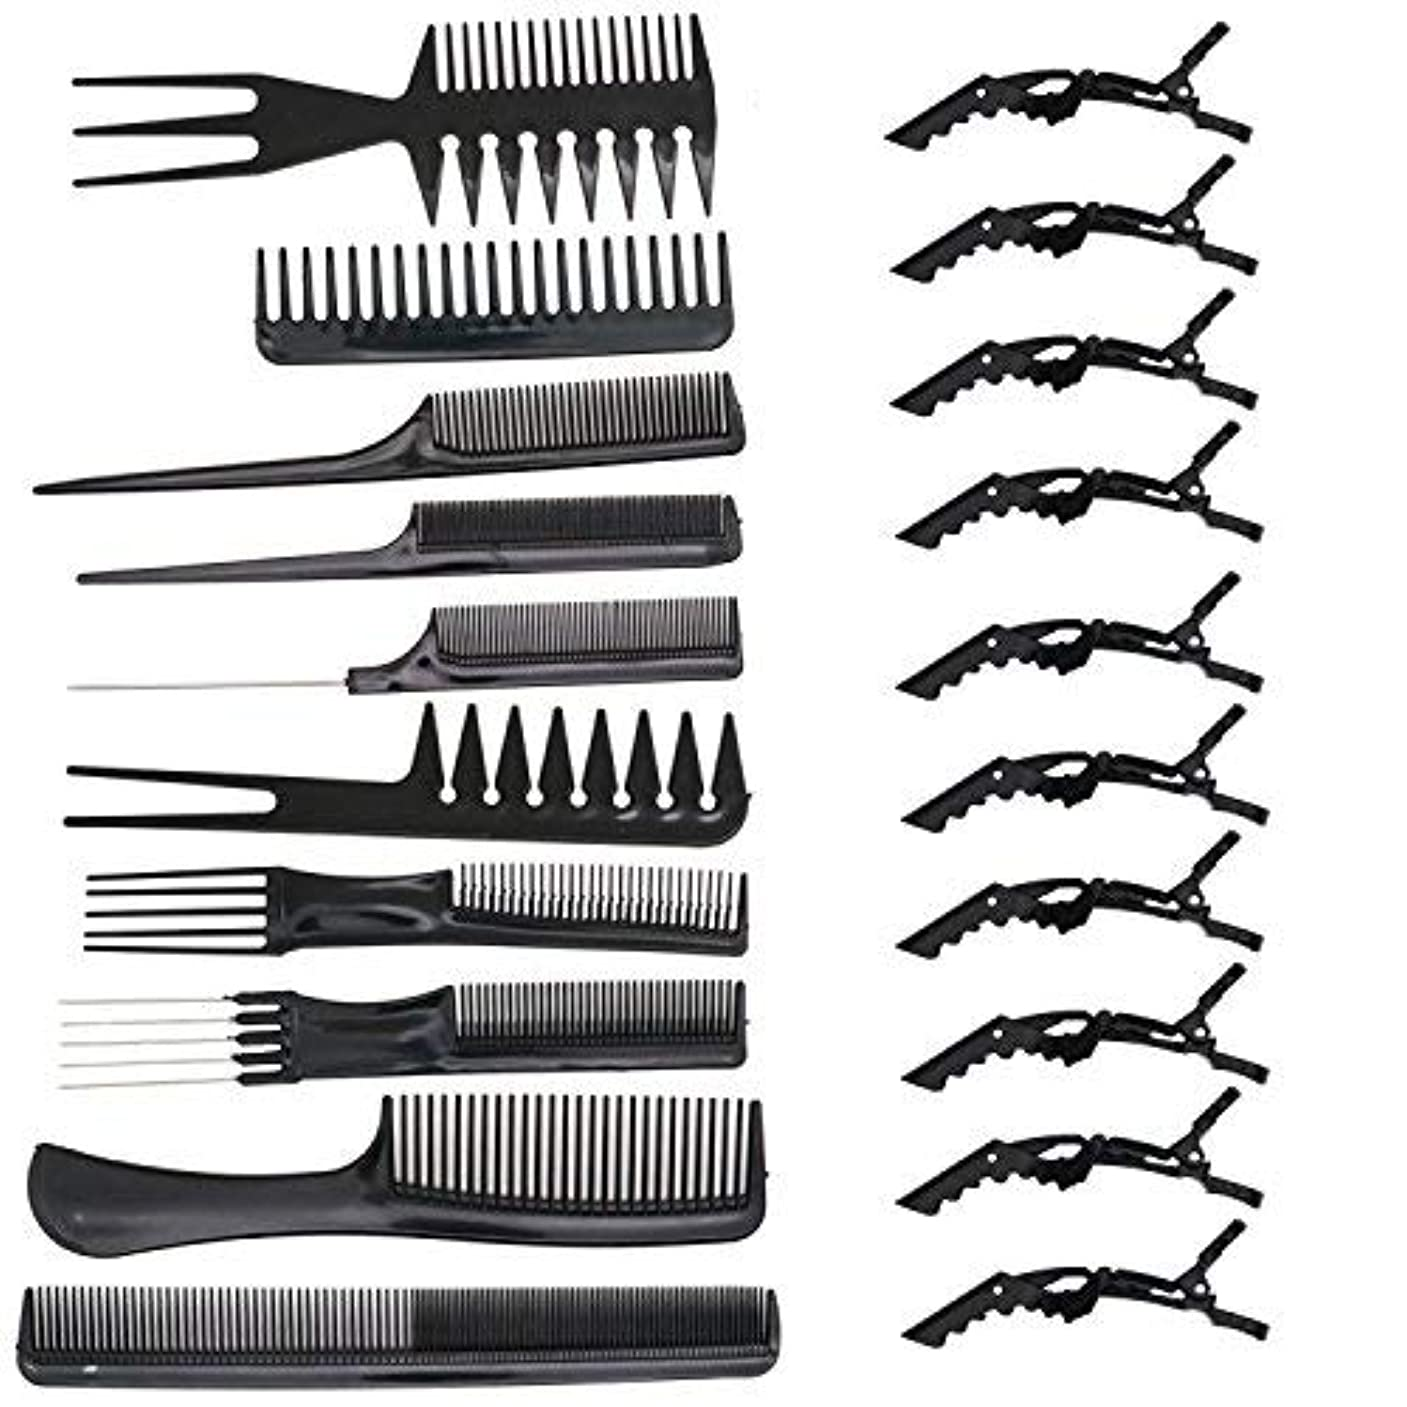 ディレイハリケーン永続HUELE 10 Pcs Professional Hair Styling Comb with Styling Clips Hair Salon Styling Barbers Set Kit [並行輸入品]